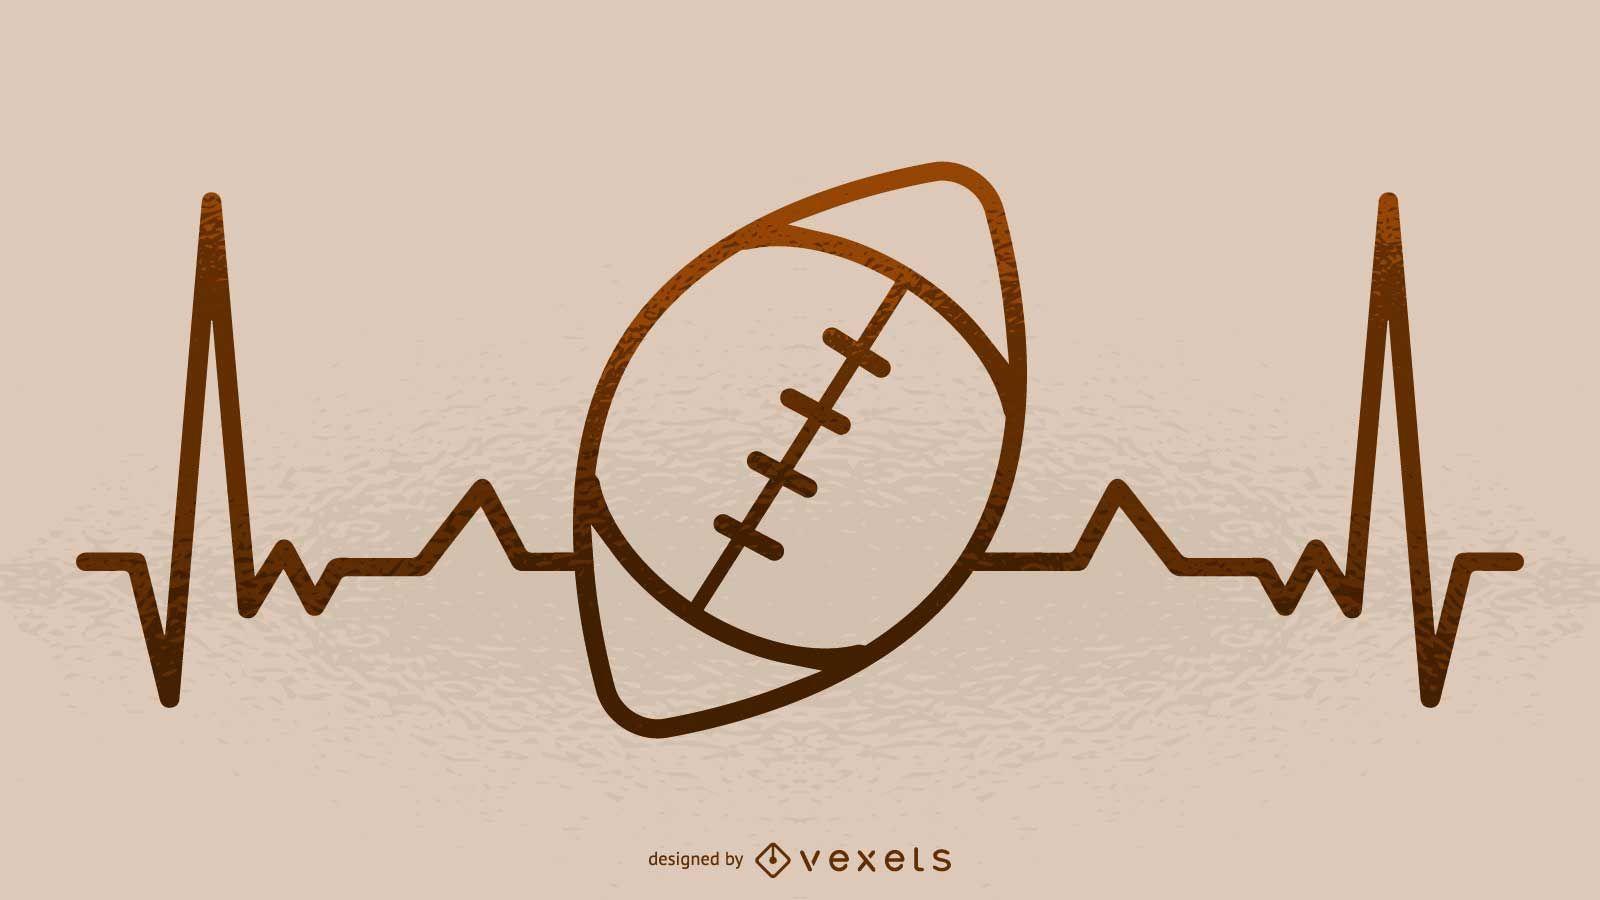 Football heartbeat illustration